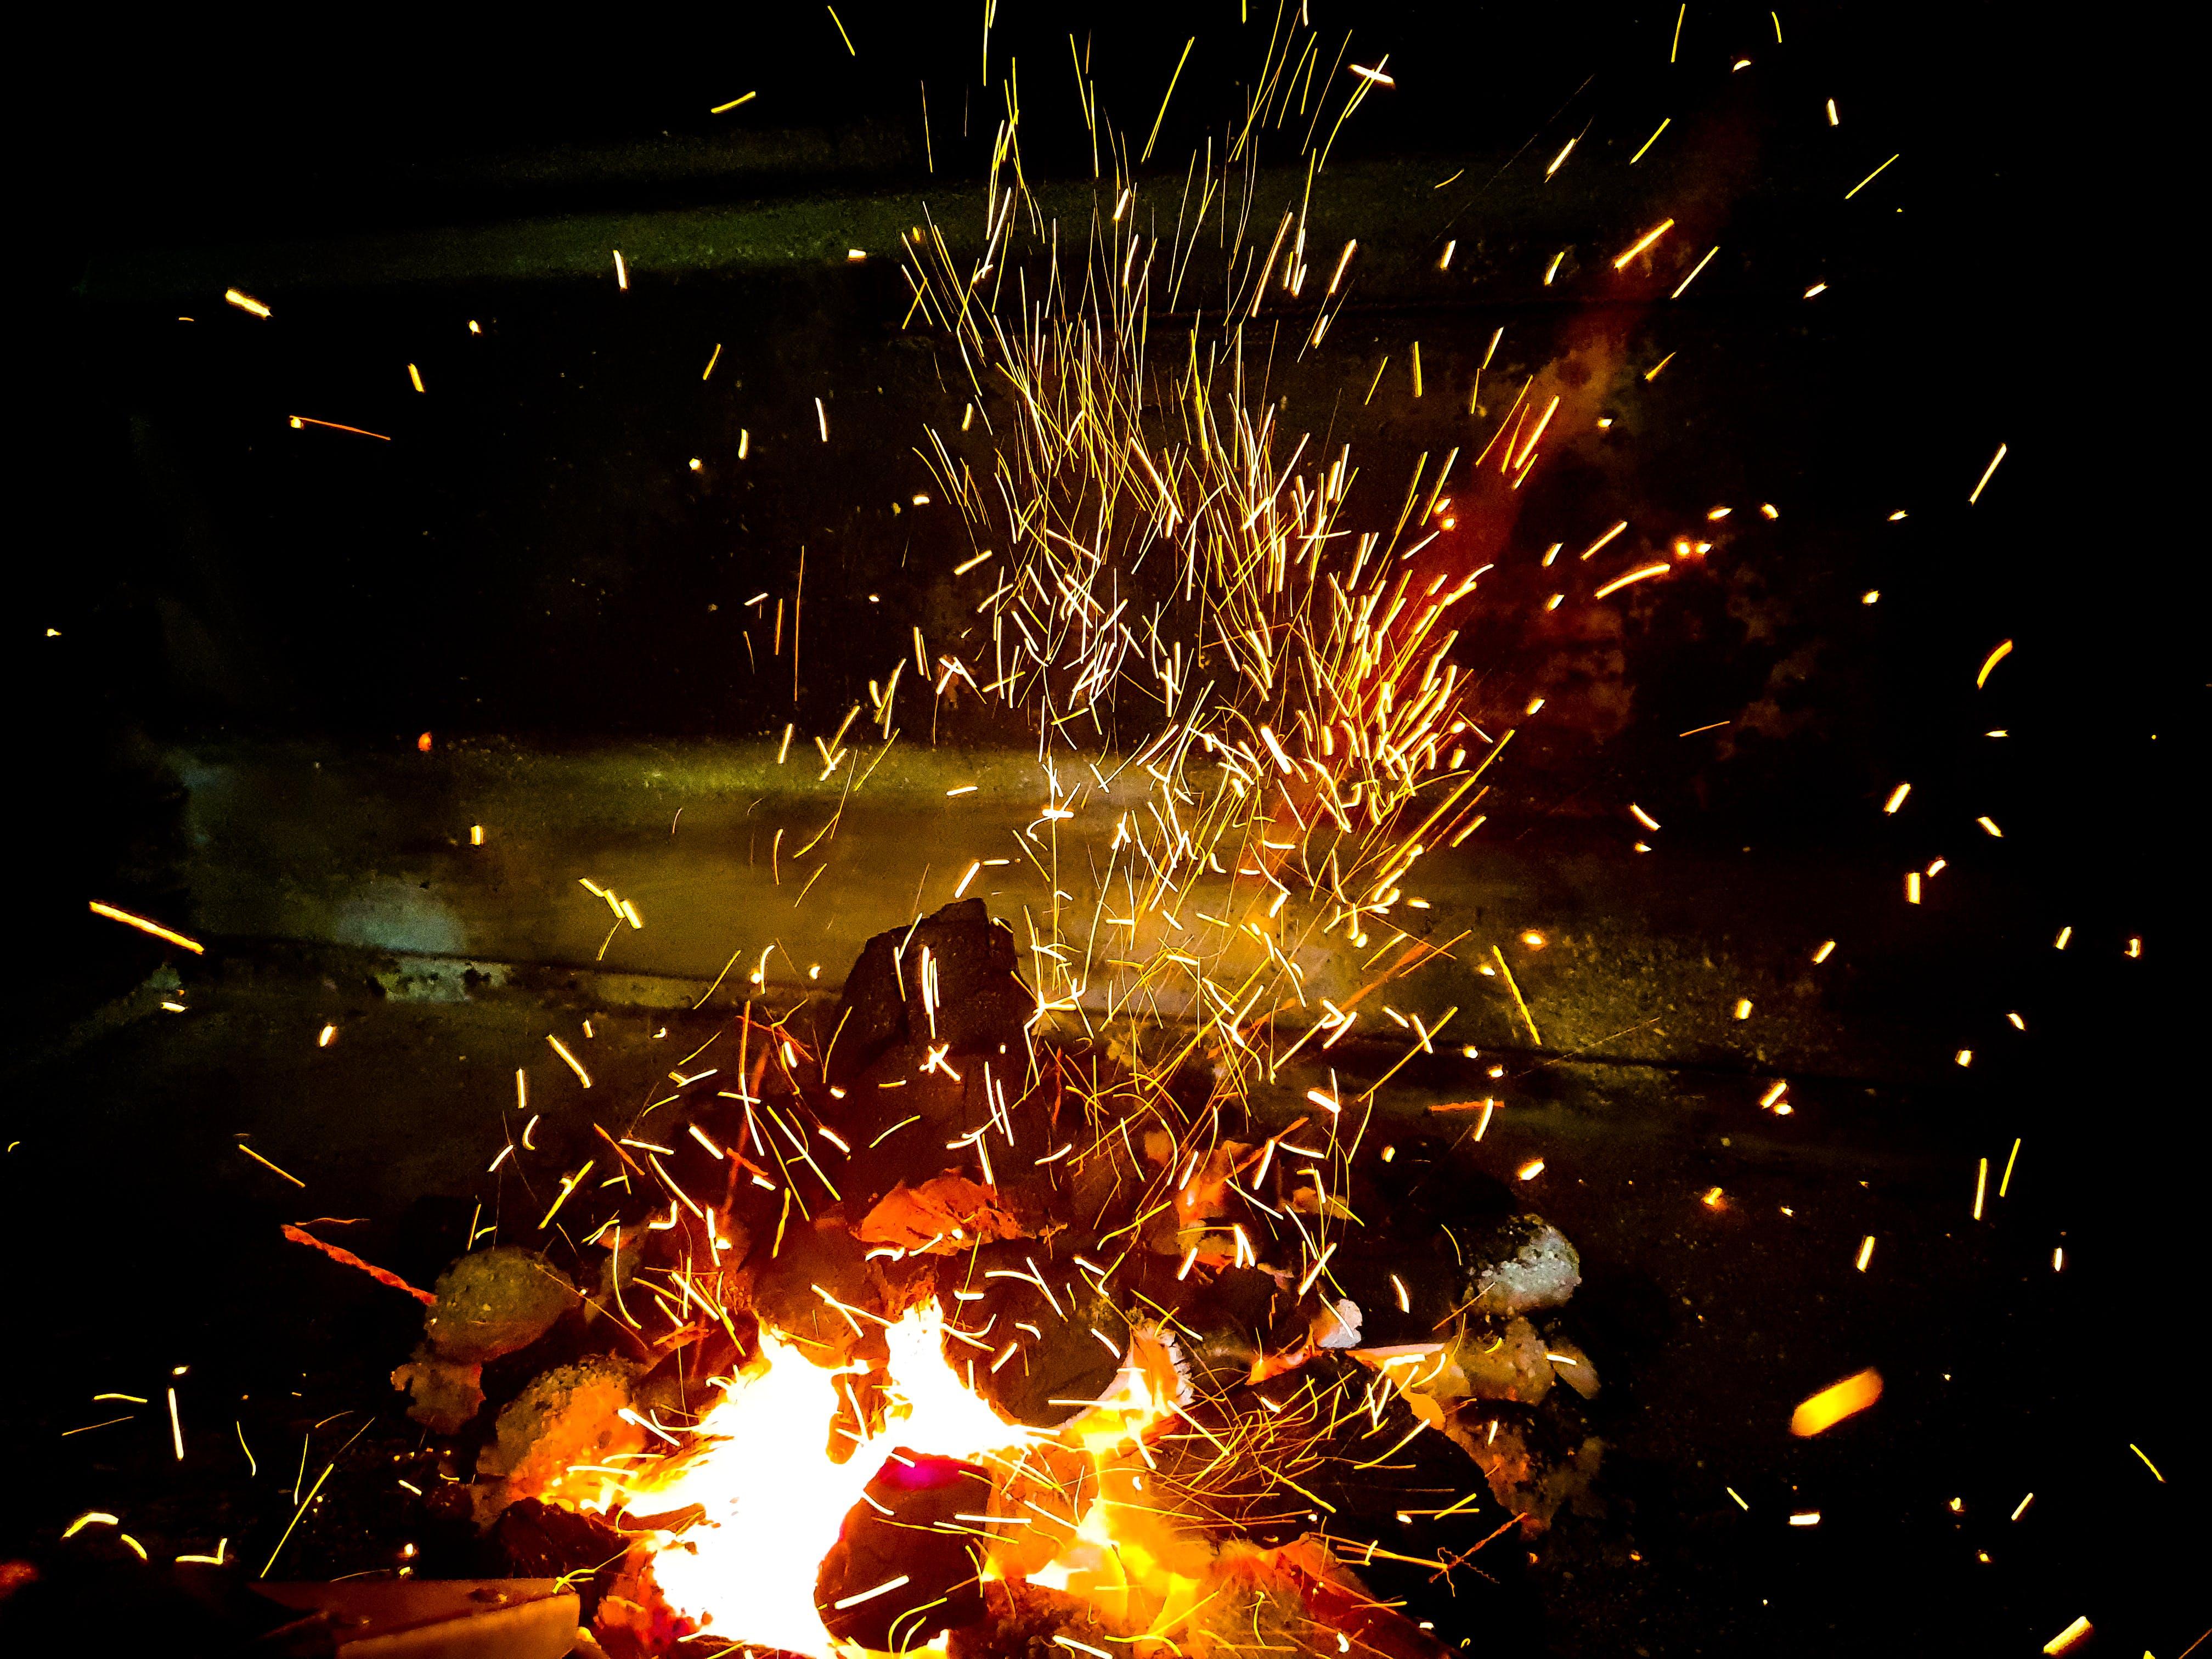 Kostnadsfri bild av brand, bränna, brinnande, fara